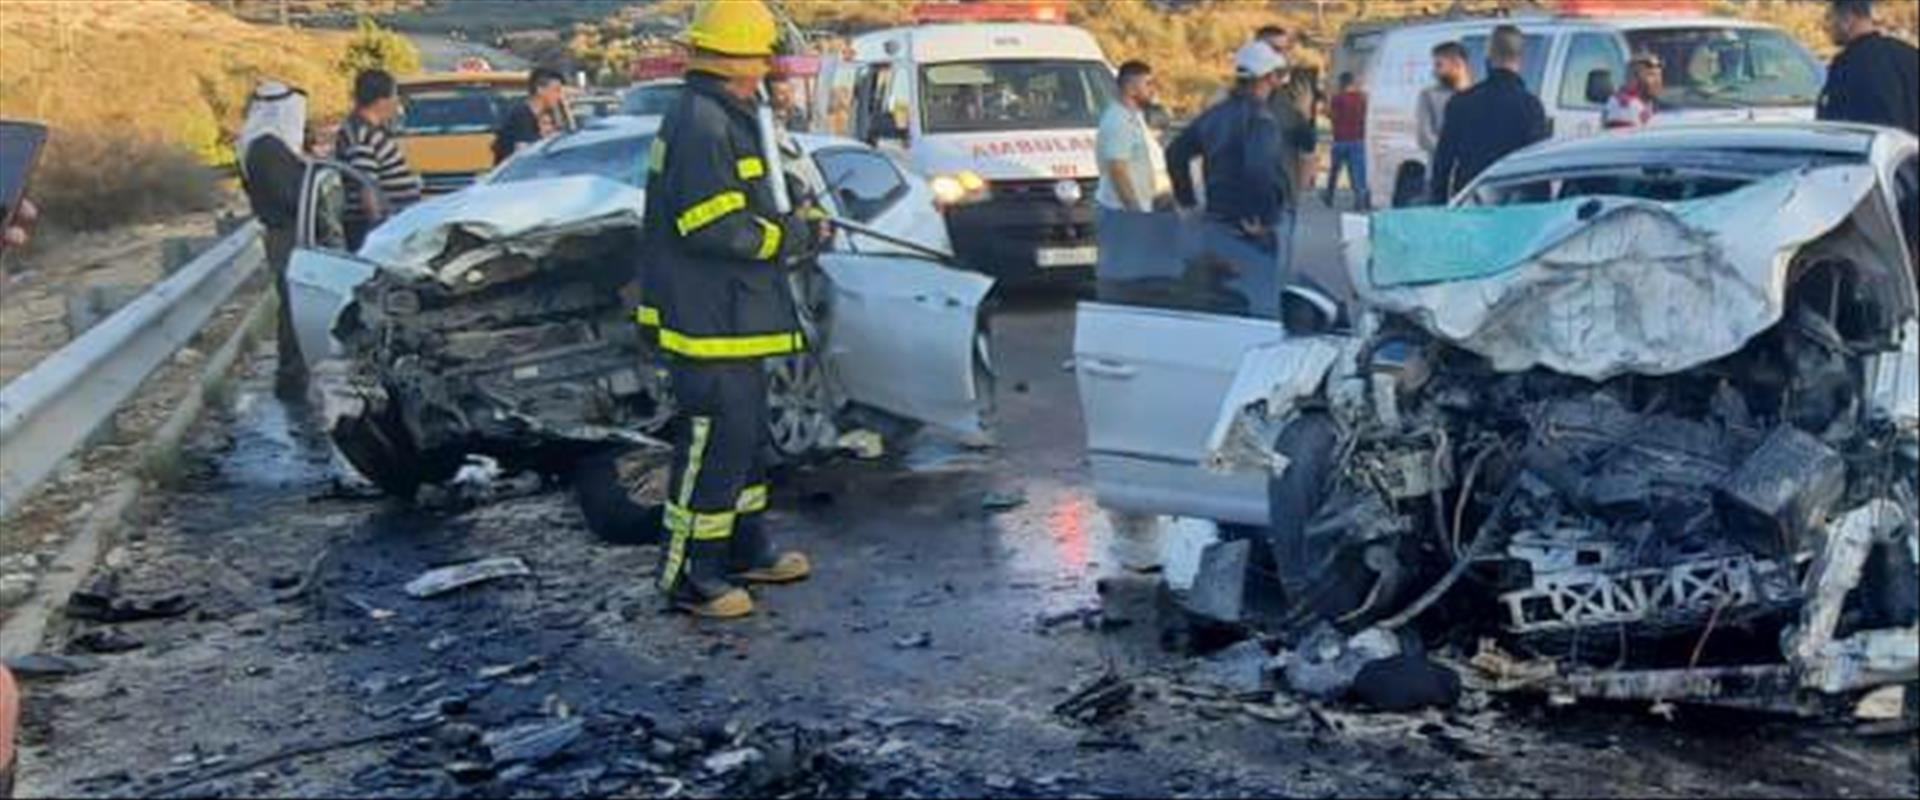 תאונת דרכים קלטנית בשומרון